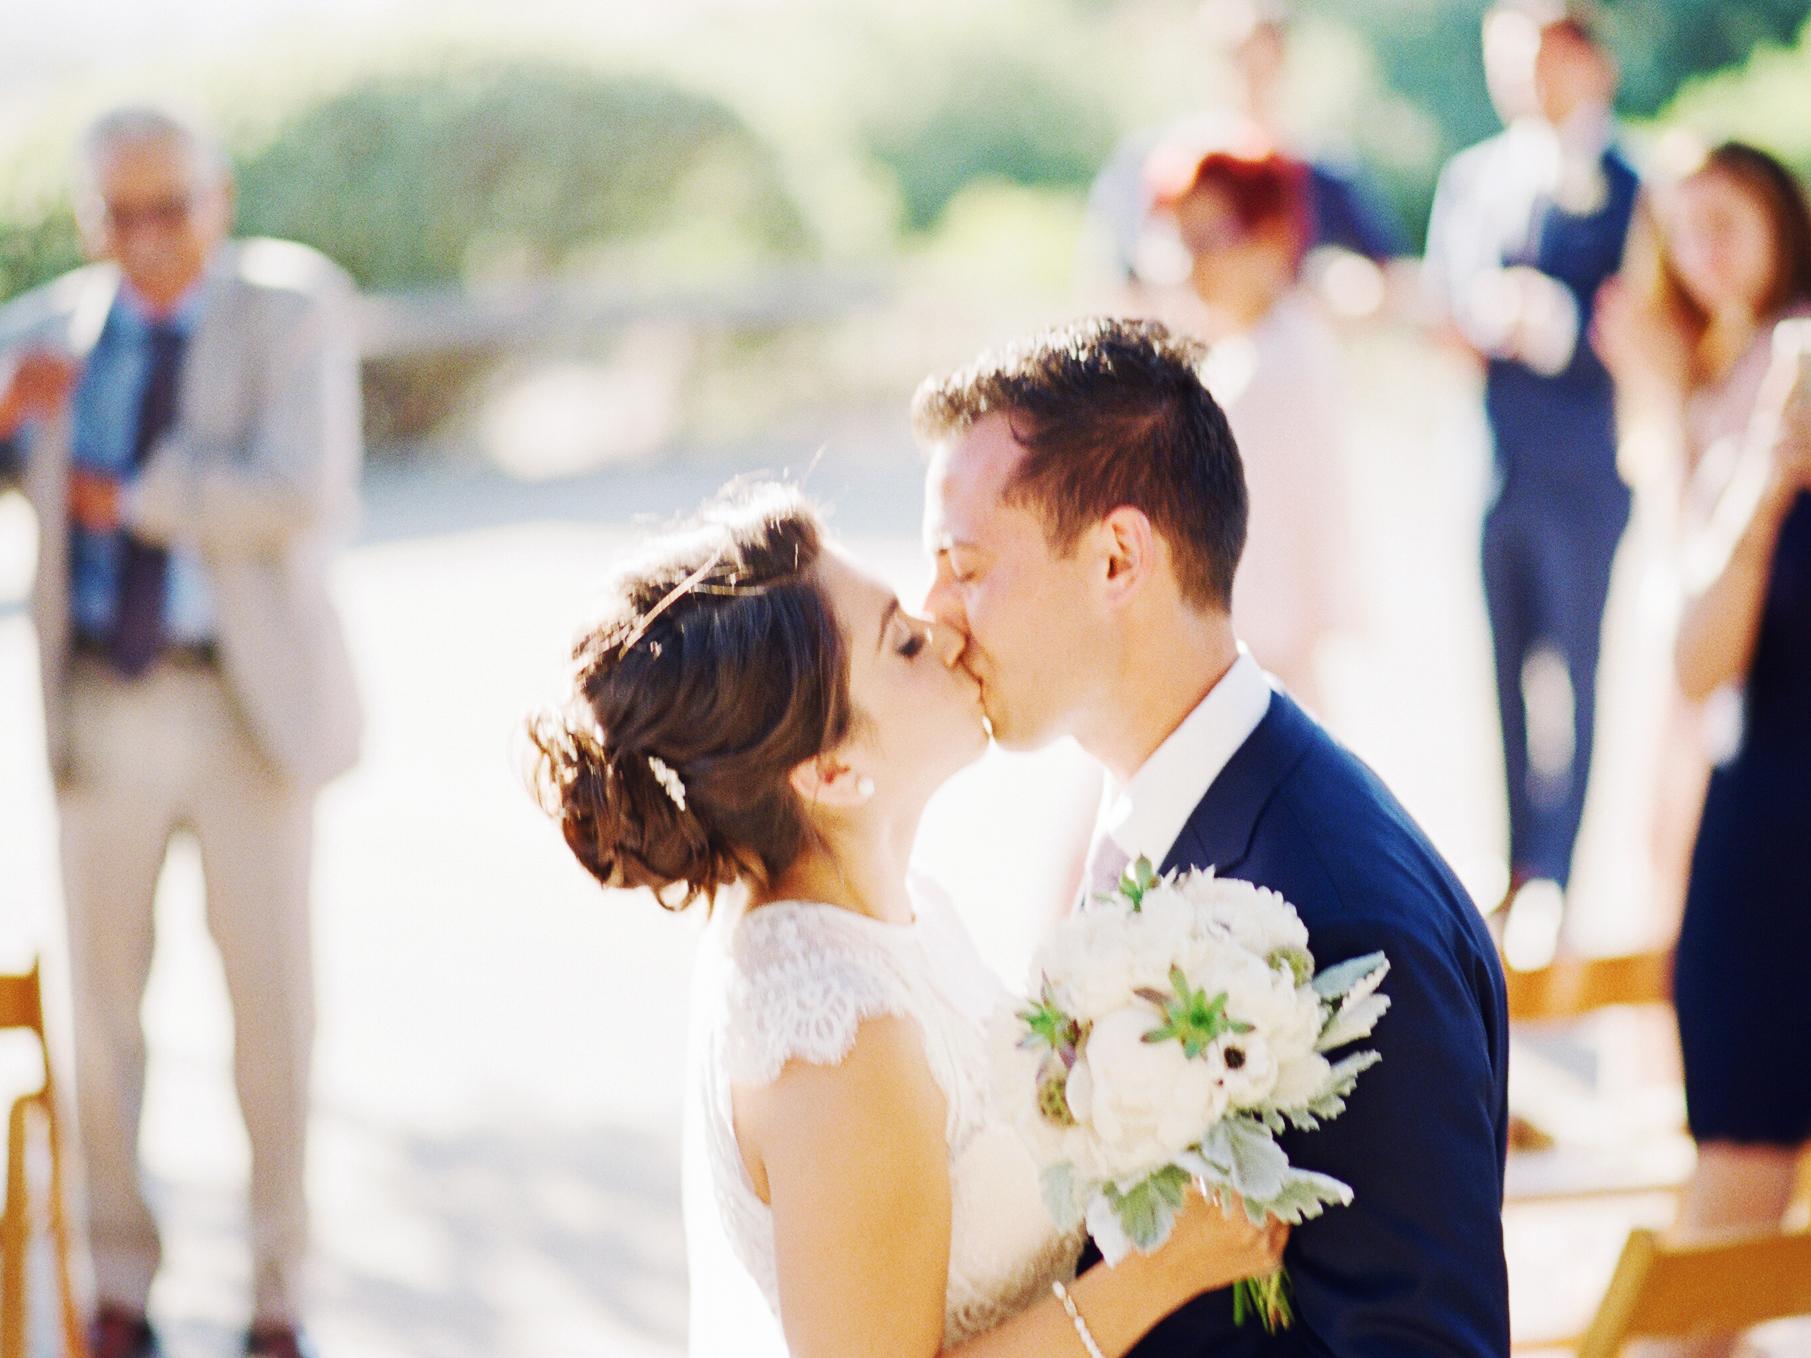 radostinaboseva_napa_wedding_california-160.jpg